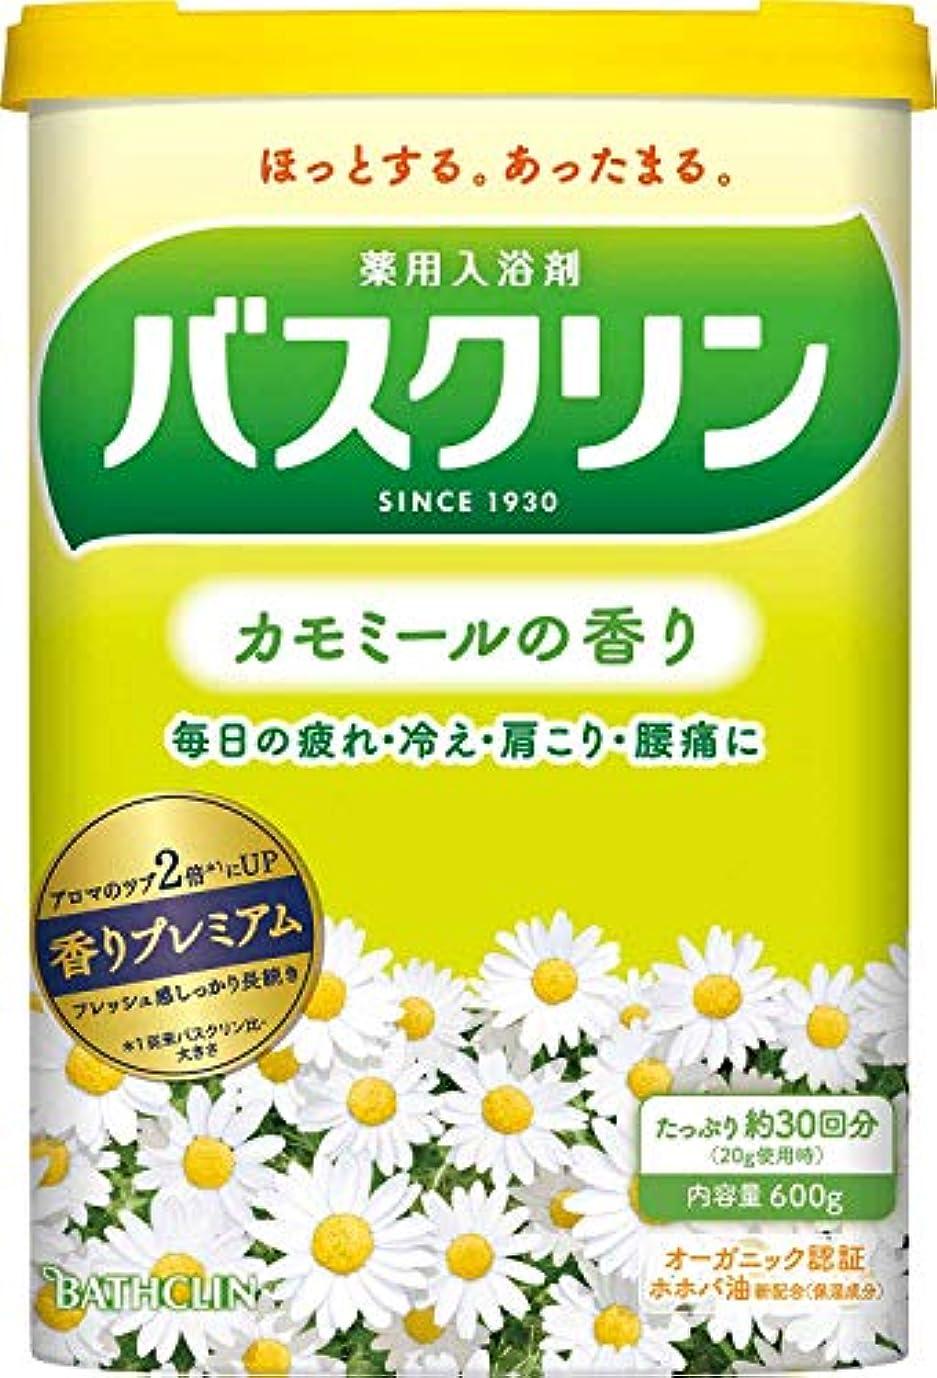 ボーナスジェム平日【医薬部外品】バスクリン入浴剤 カモミールの香り600g(約30回分) 疲労回復